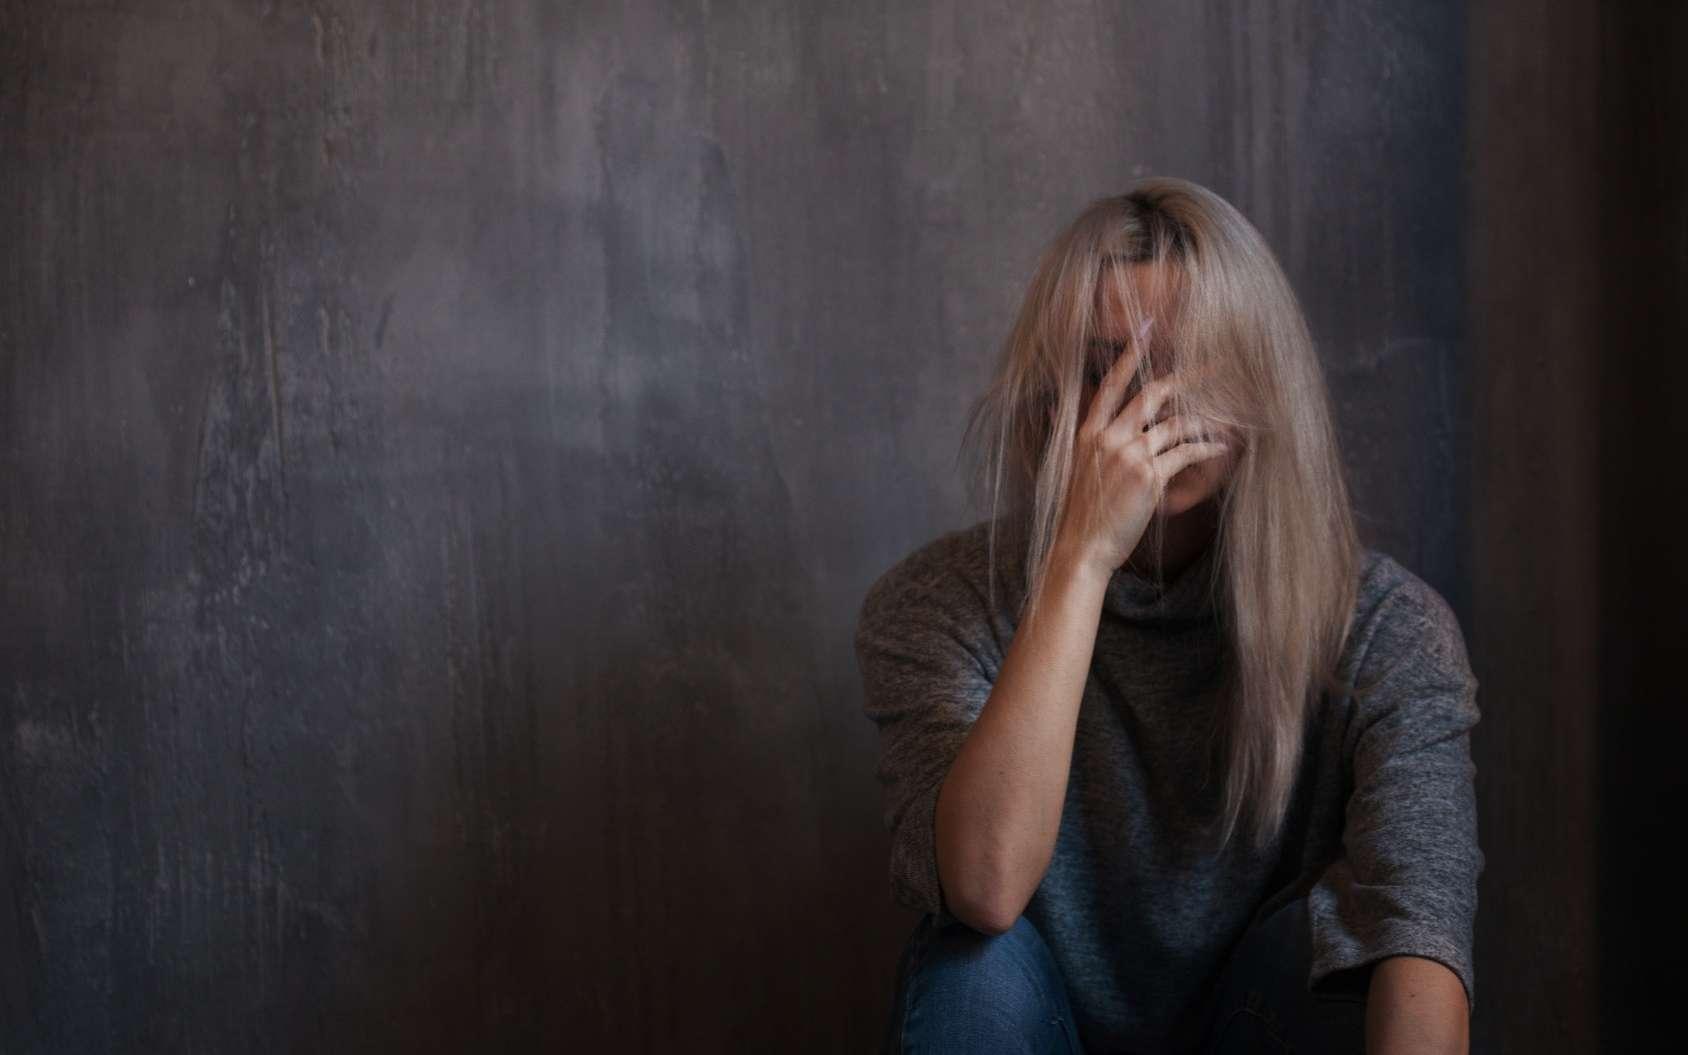 La fatigue chronique touche plus de femmes que d'hommes. © Ulia Koltyrina, Fotolia